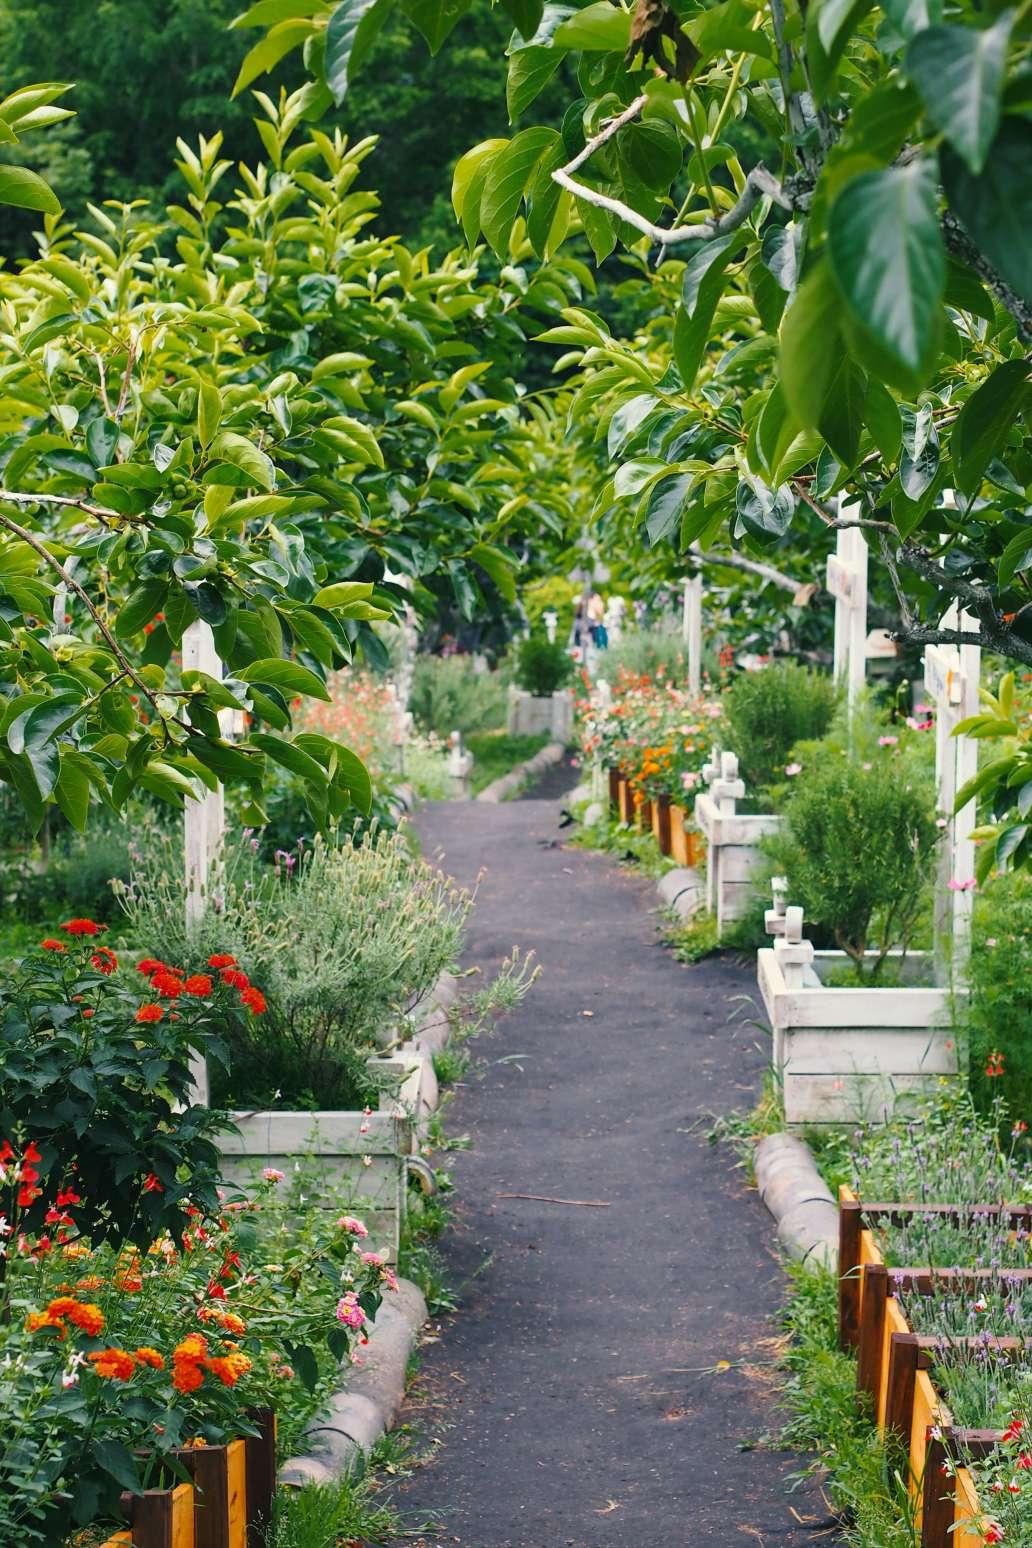 jade seok UGMGdEeifvA unsplash 2 1365x2048 - Comment aménager et préparer son jardin à l'arrivée du printemps